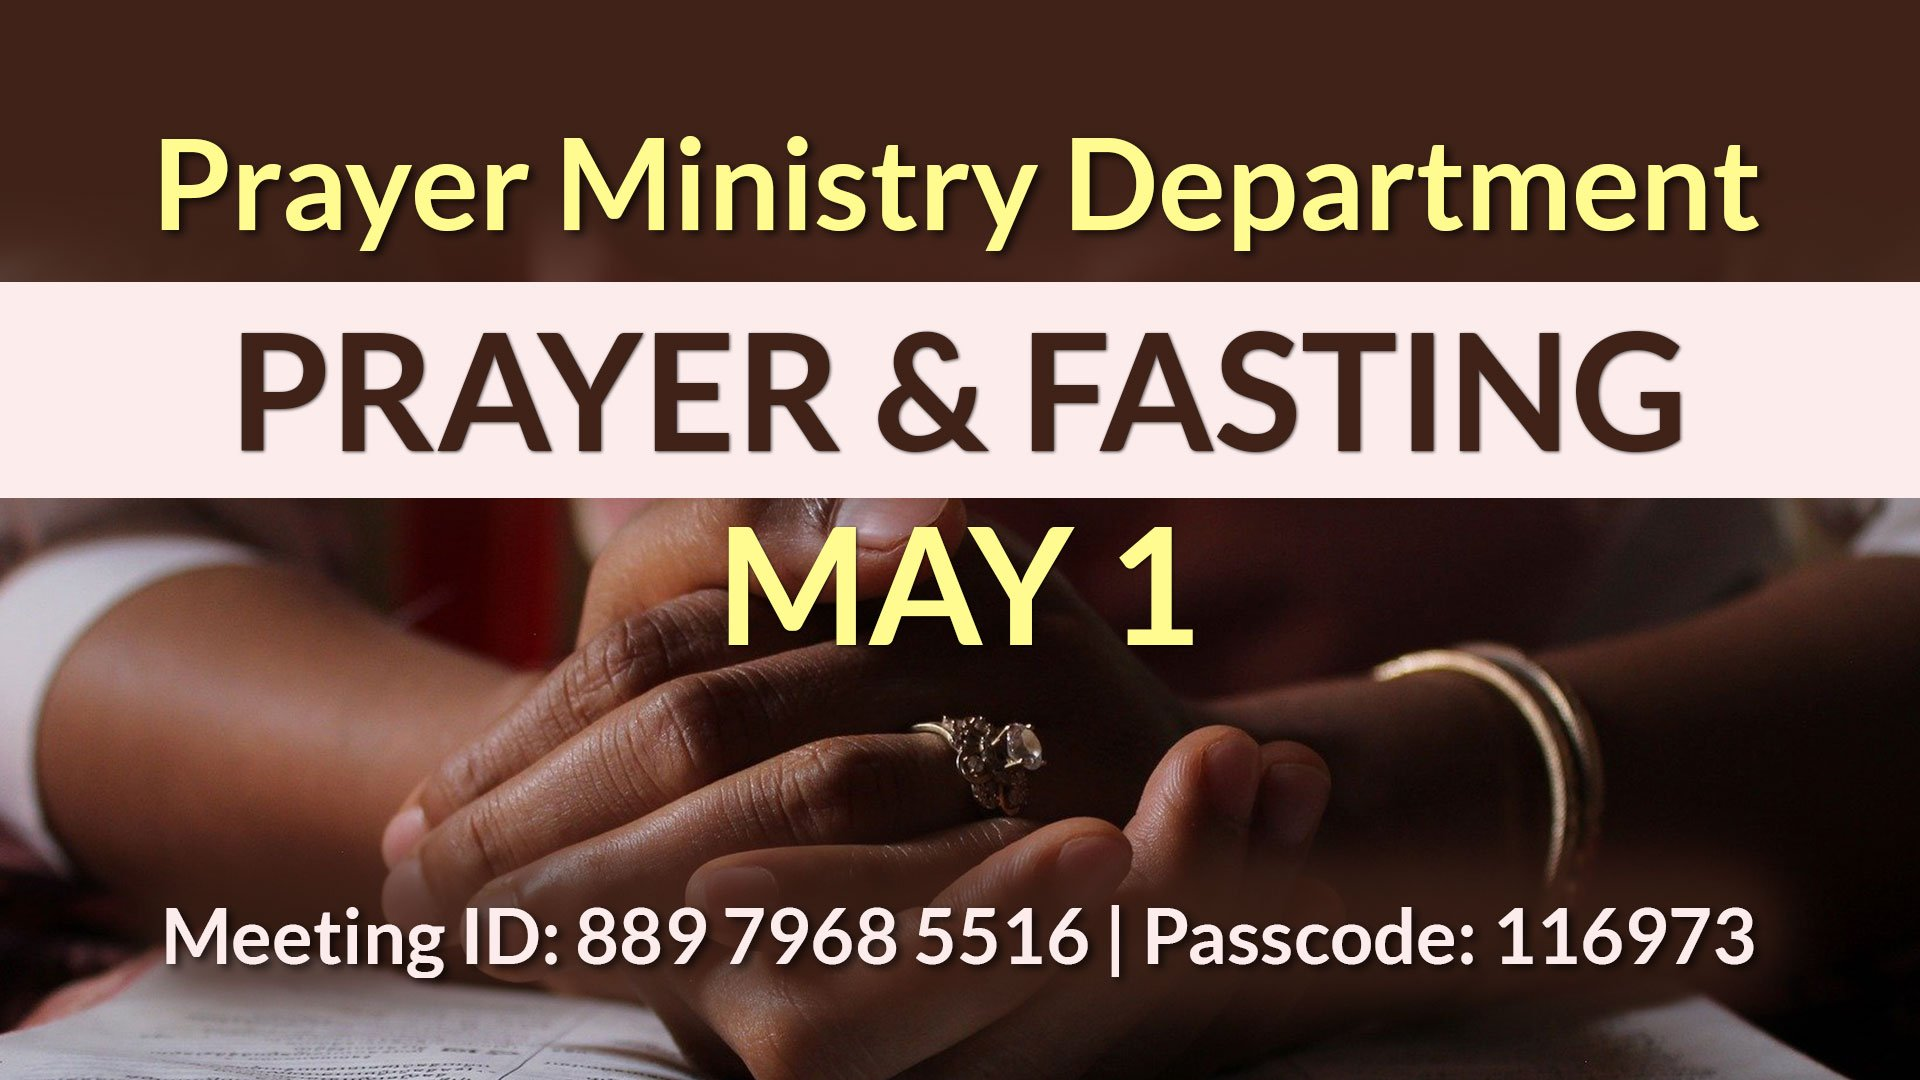 Prayer & Fasting May 1